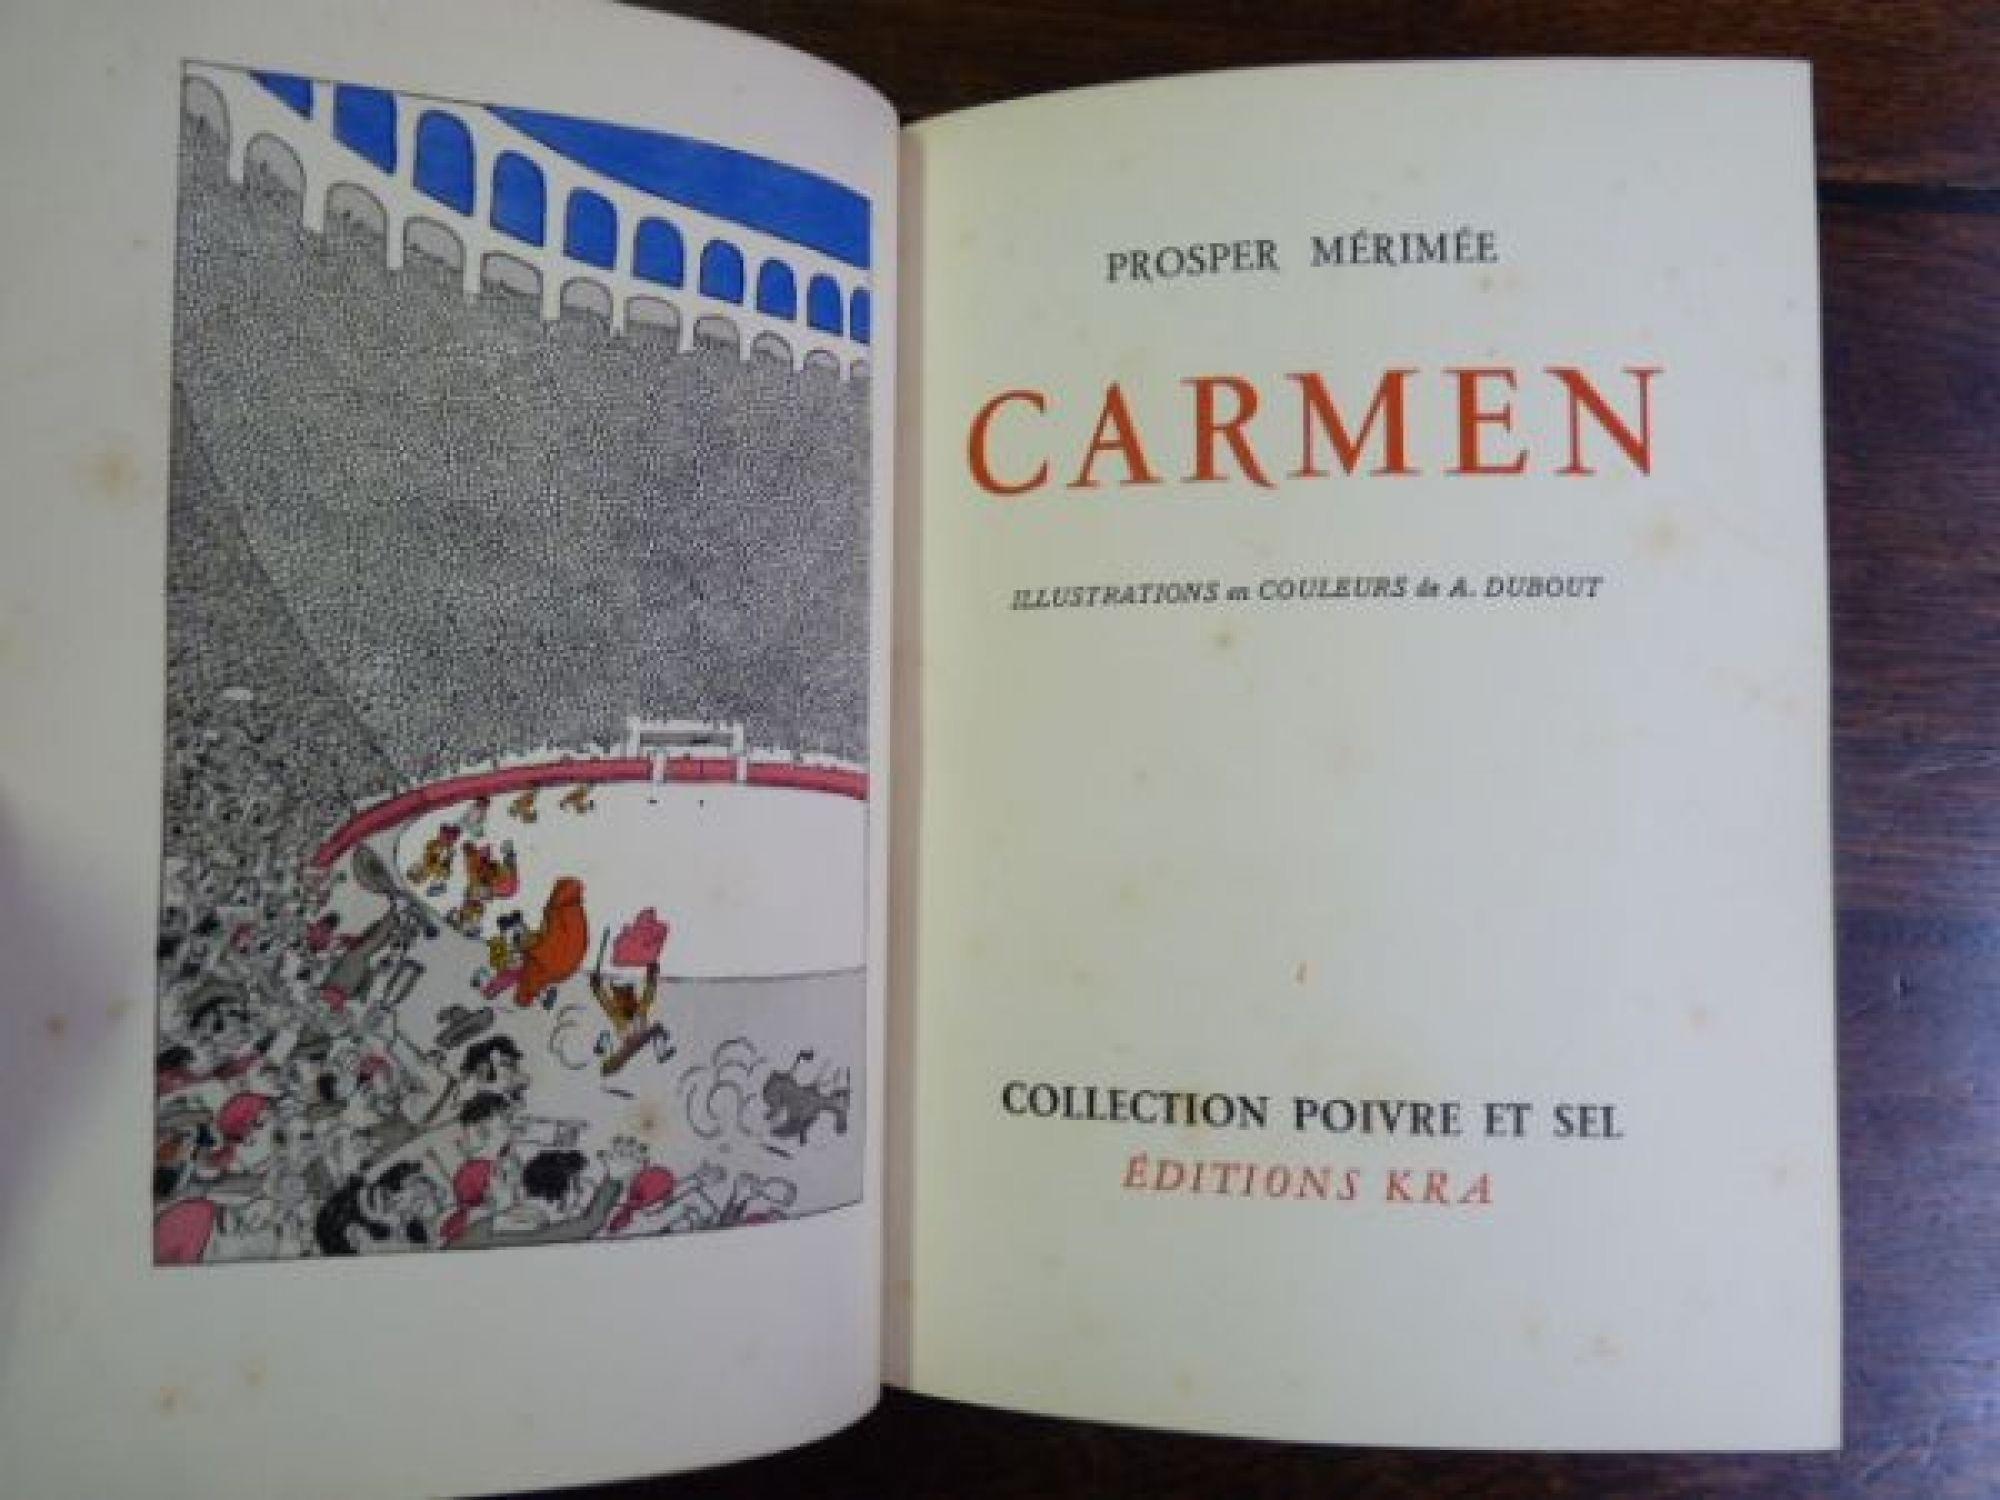 dissertation carmen mérimée